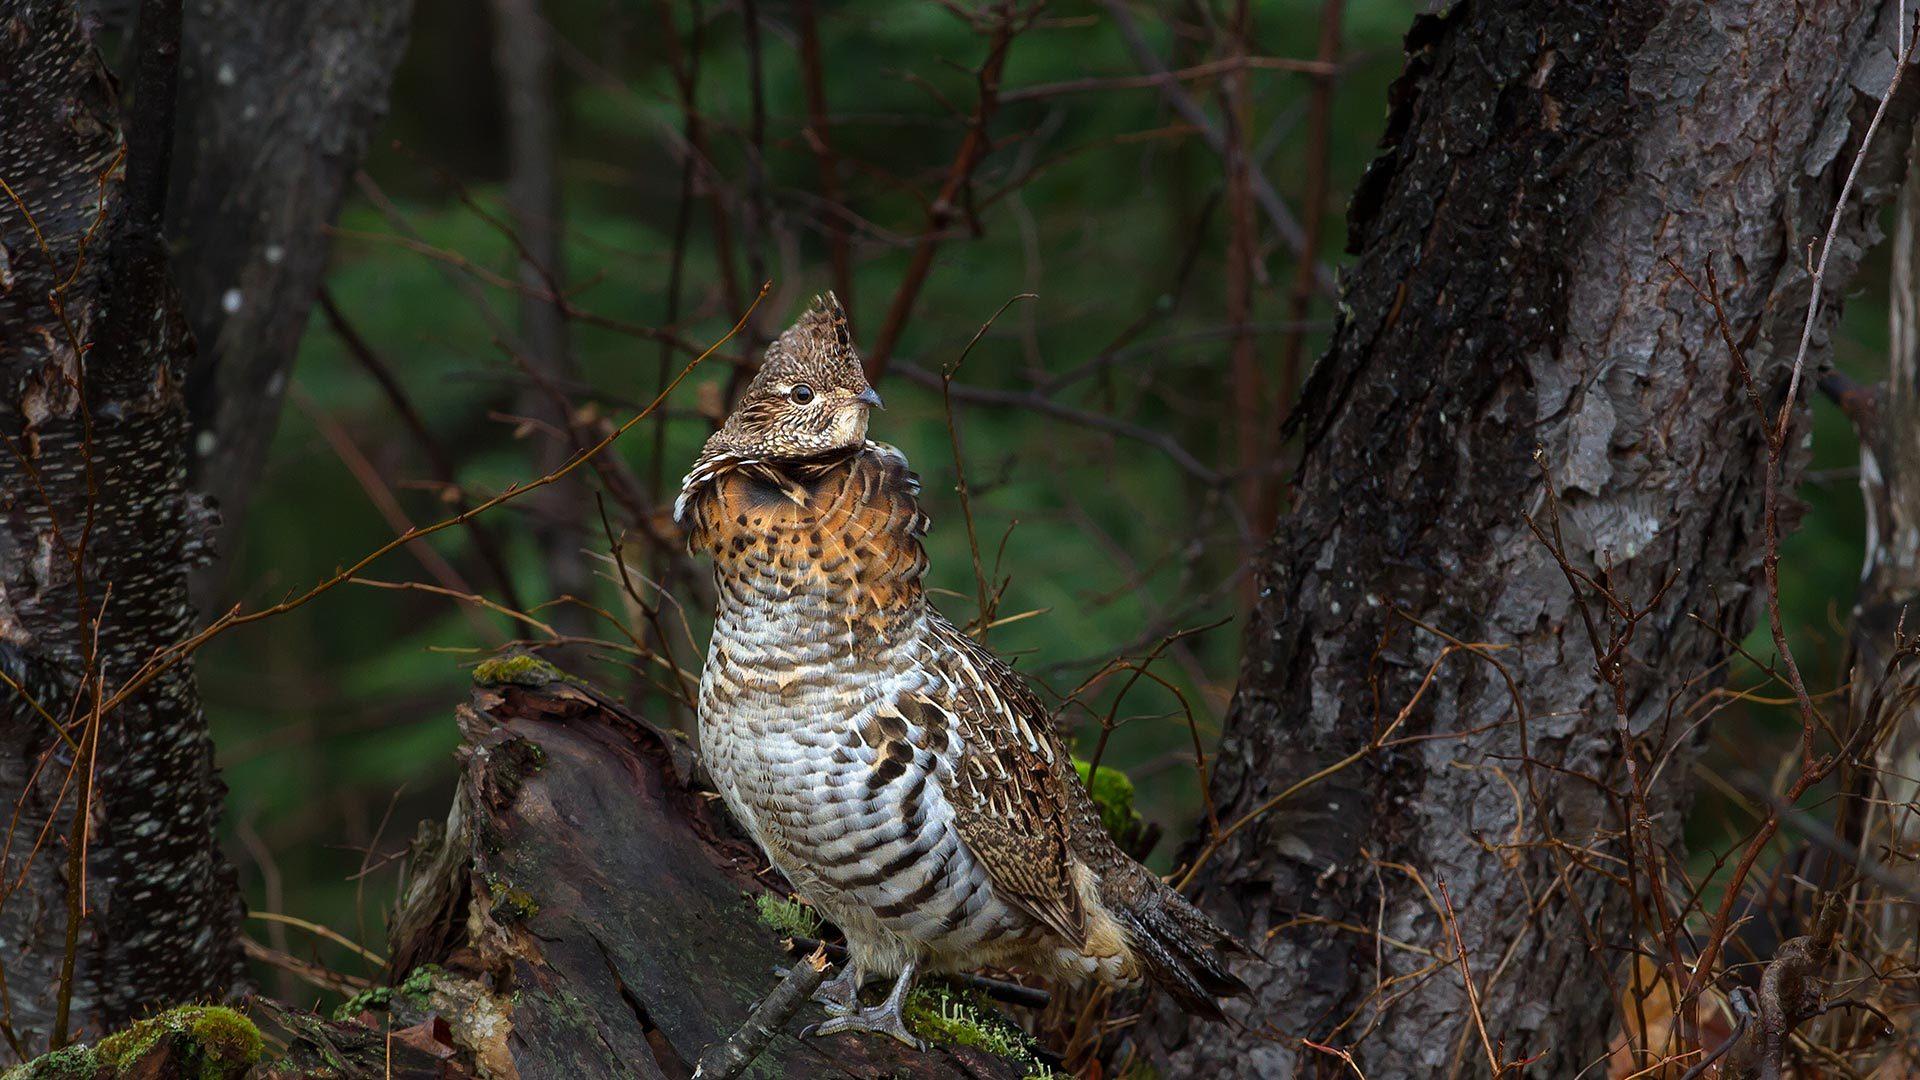 阿尔冈金省立公园中一只正在树枝上休息的披肩鸡披肩鸡